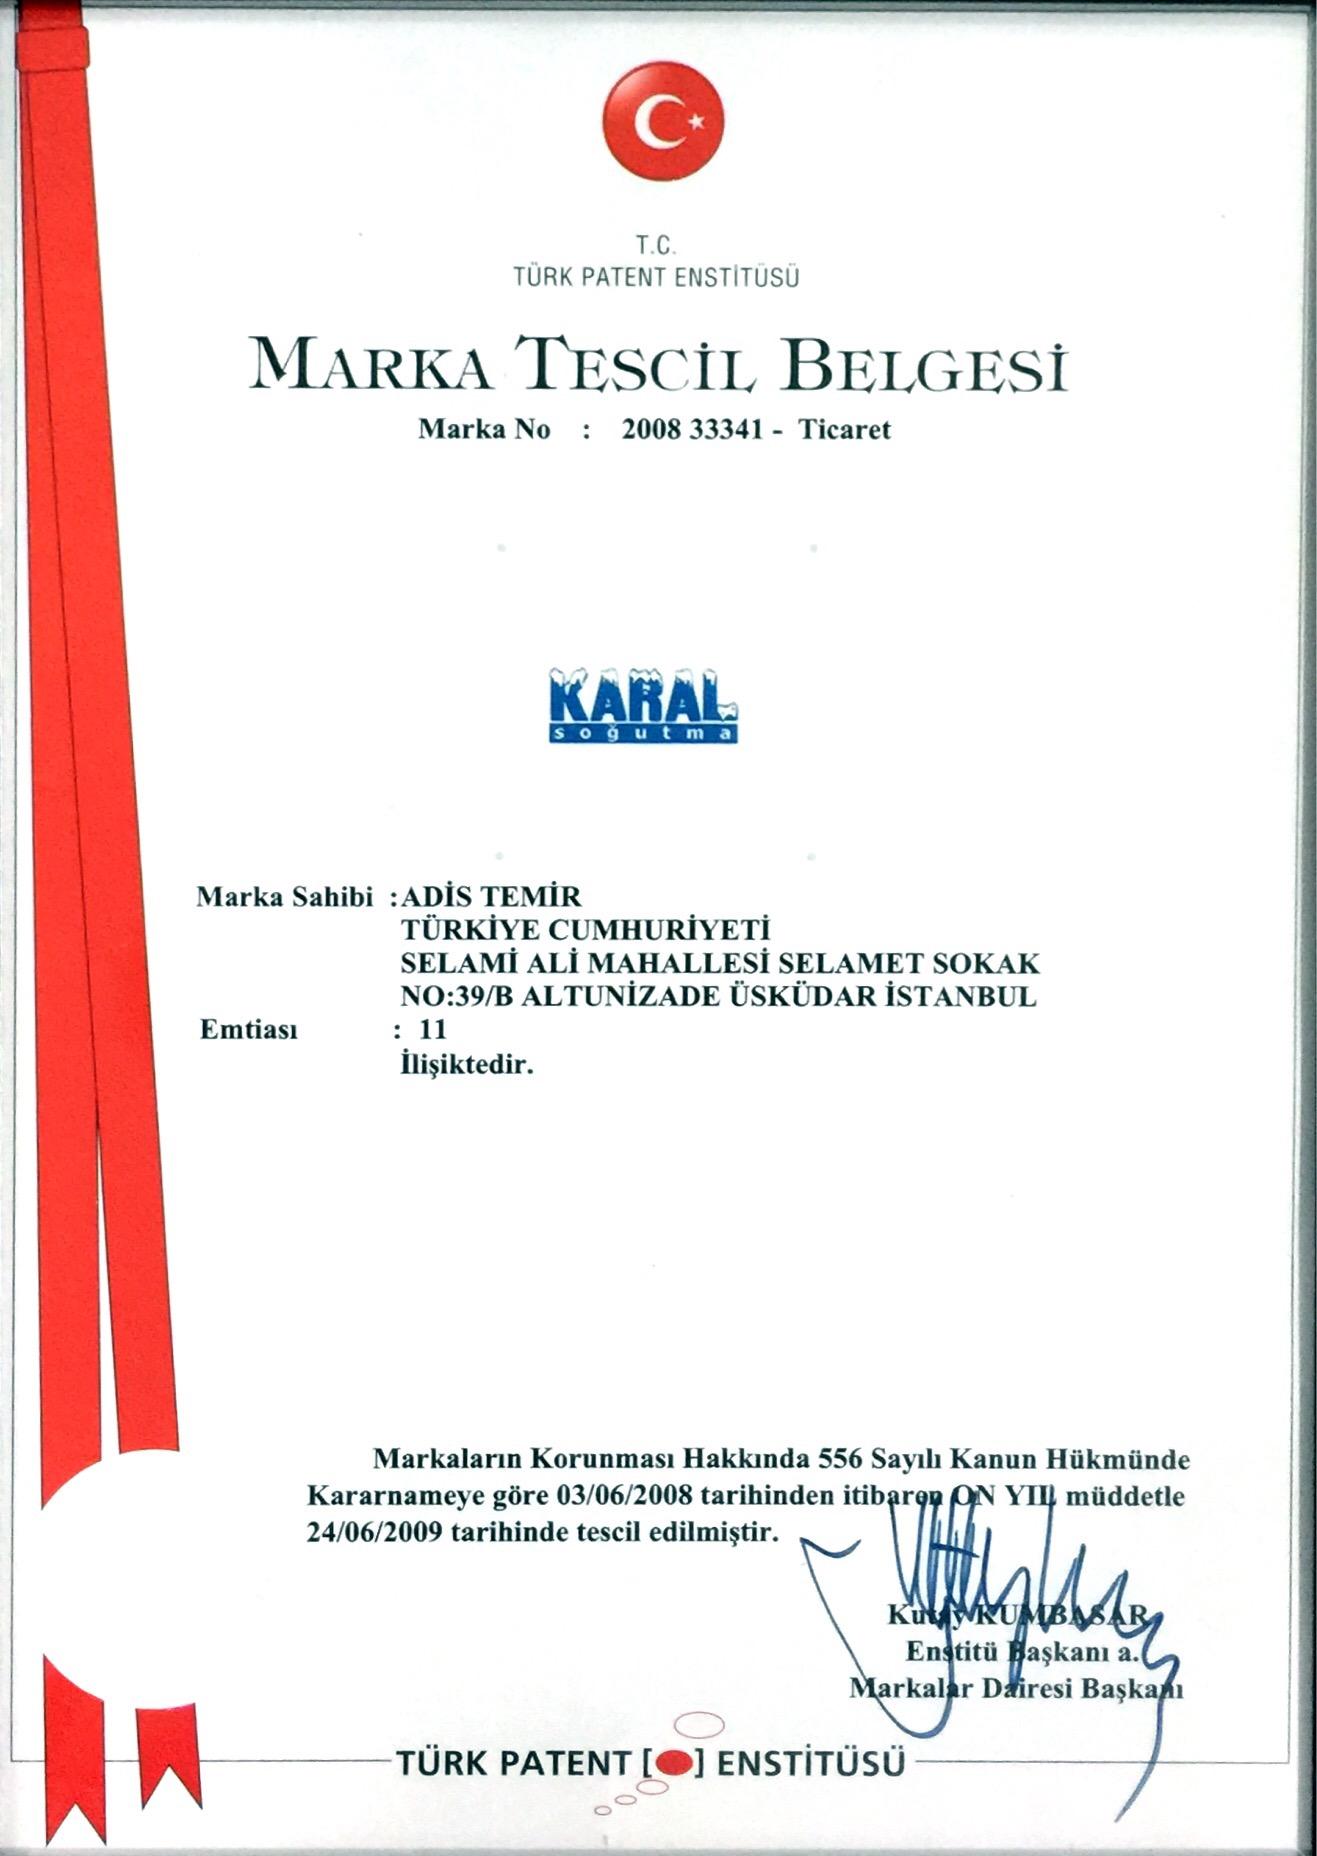 Karal-Marka